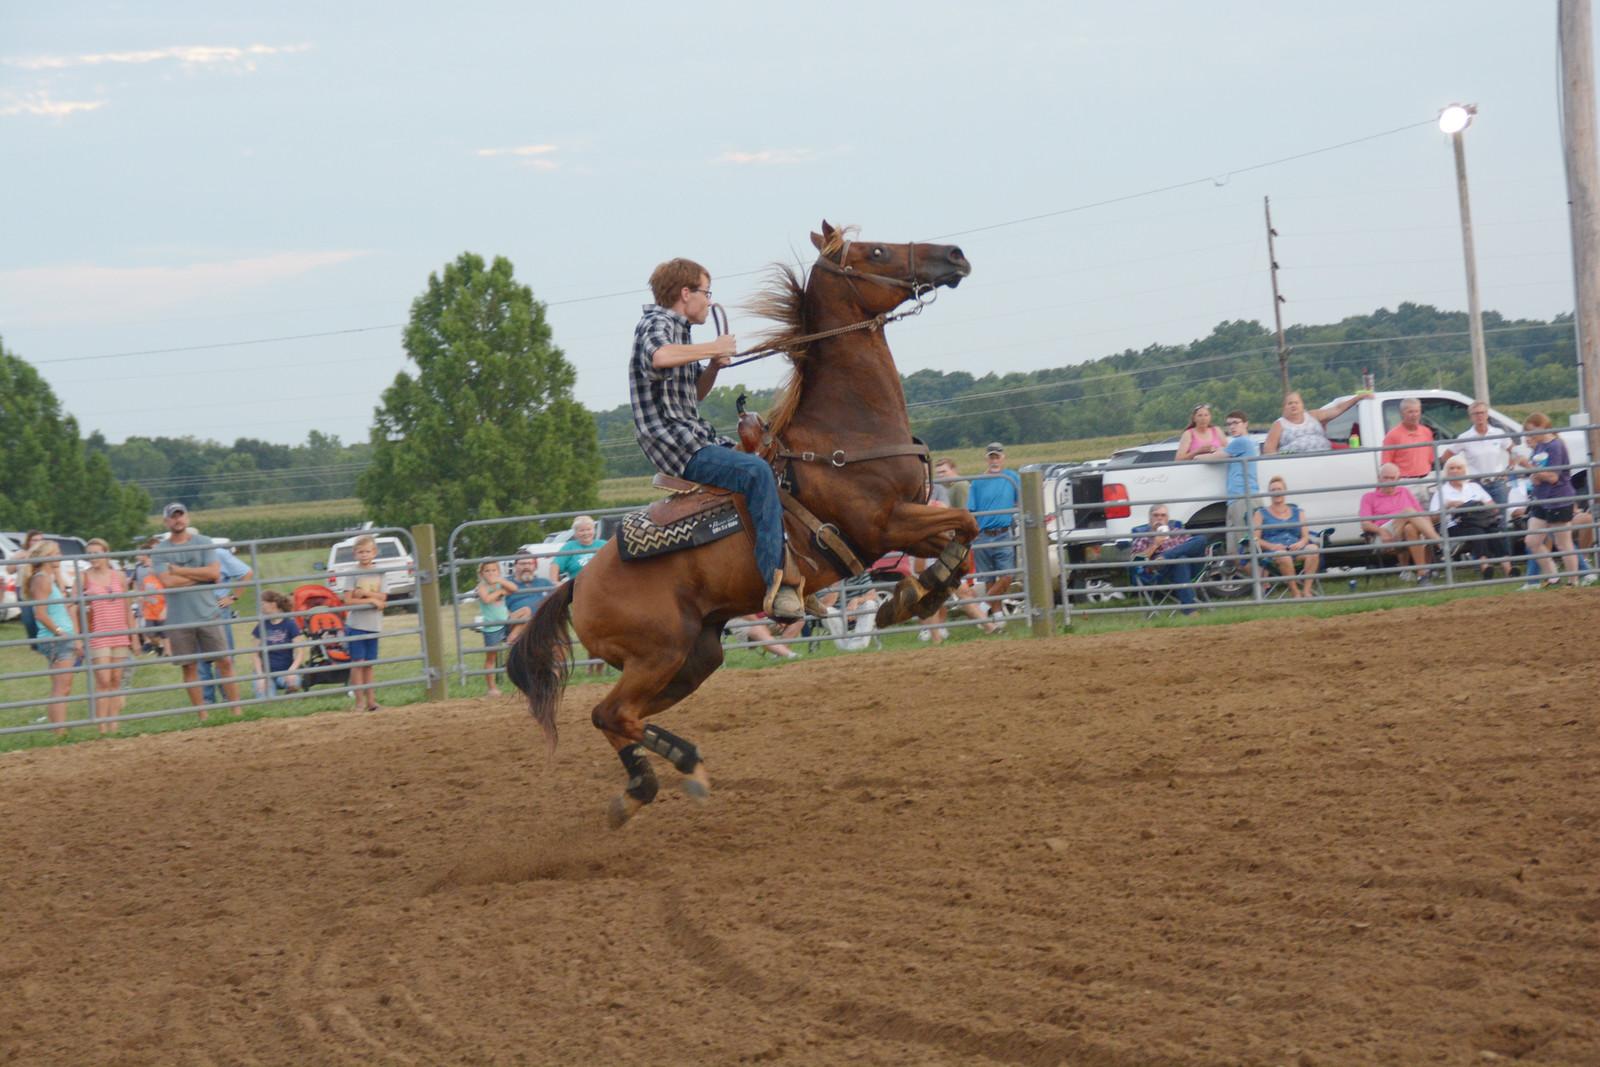 Monroe County Fair Equestrian Events